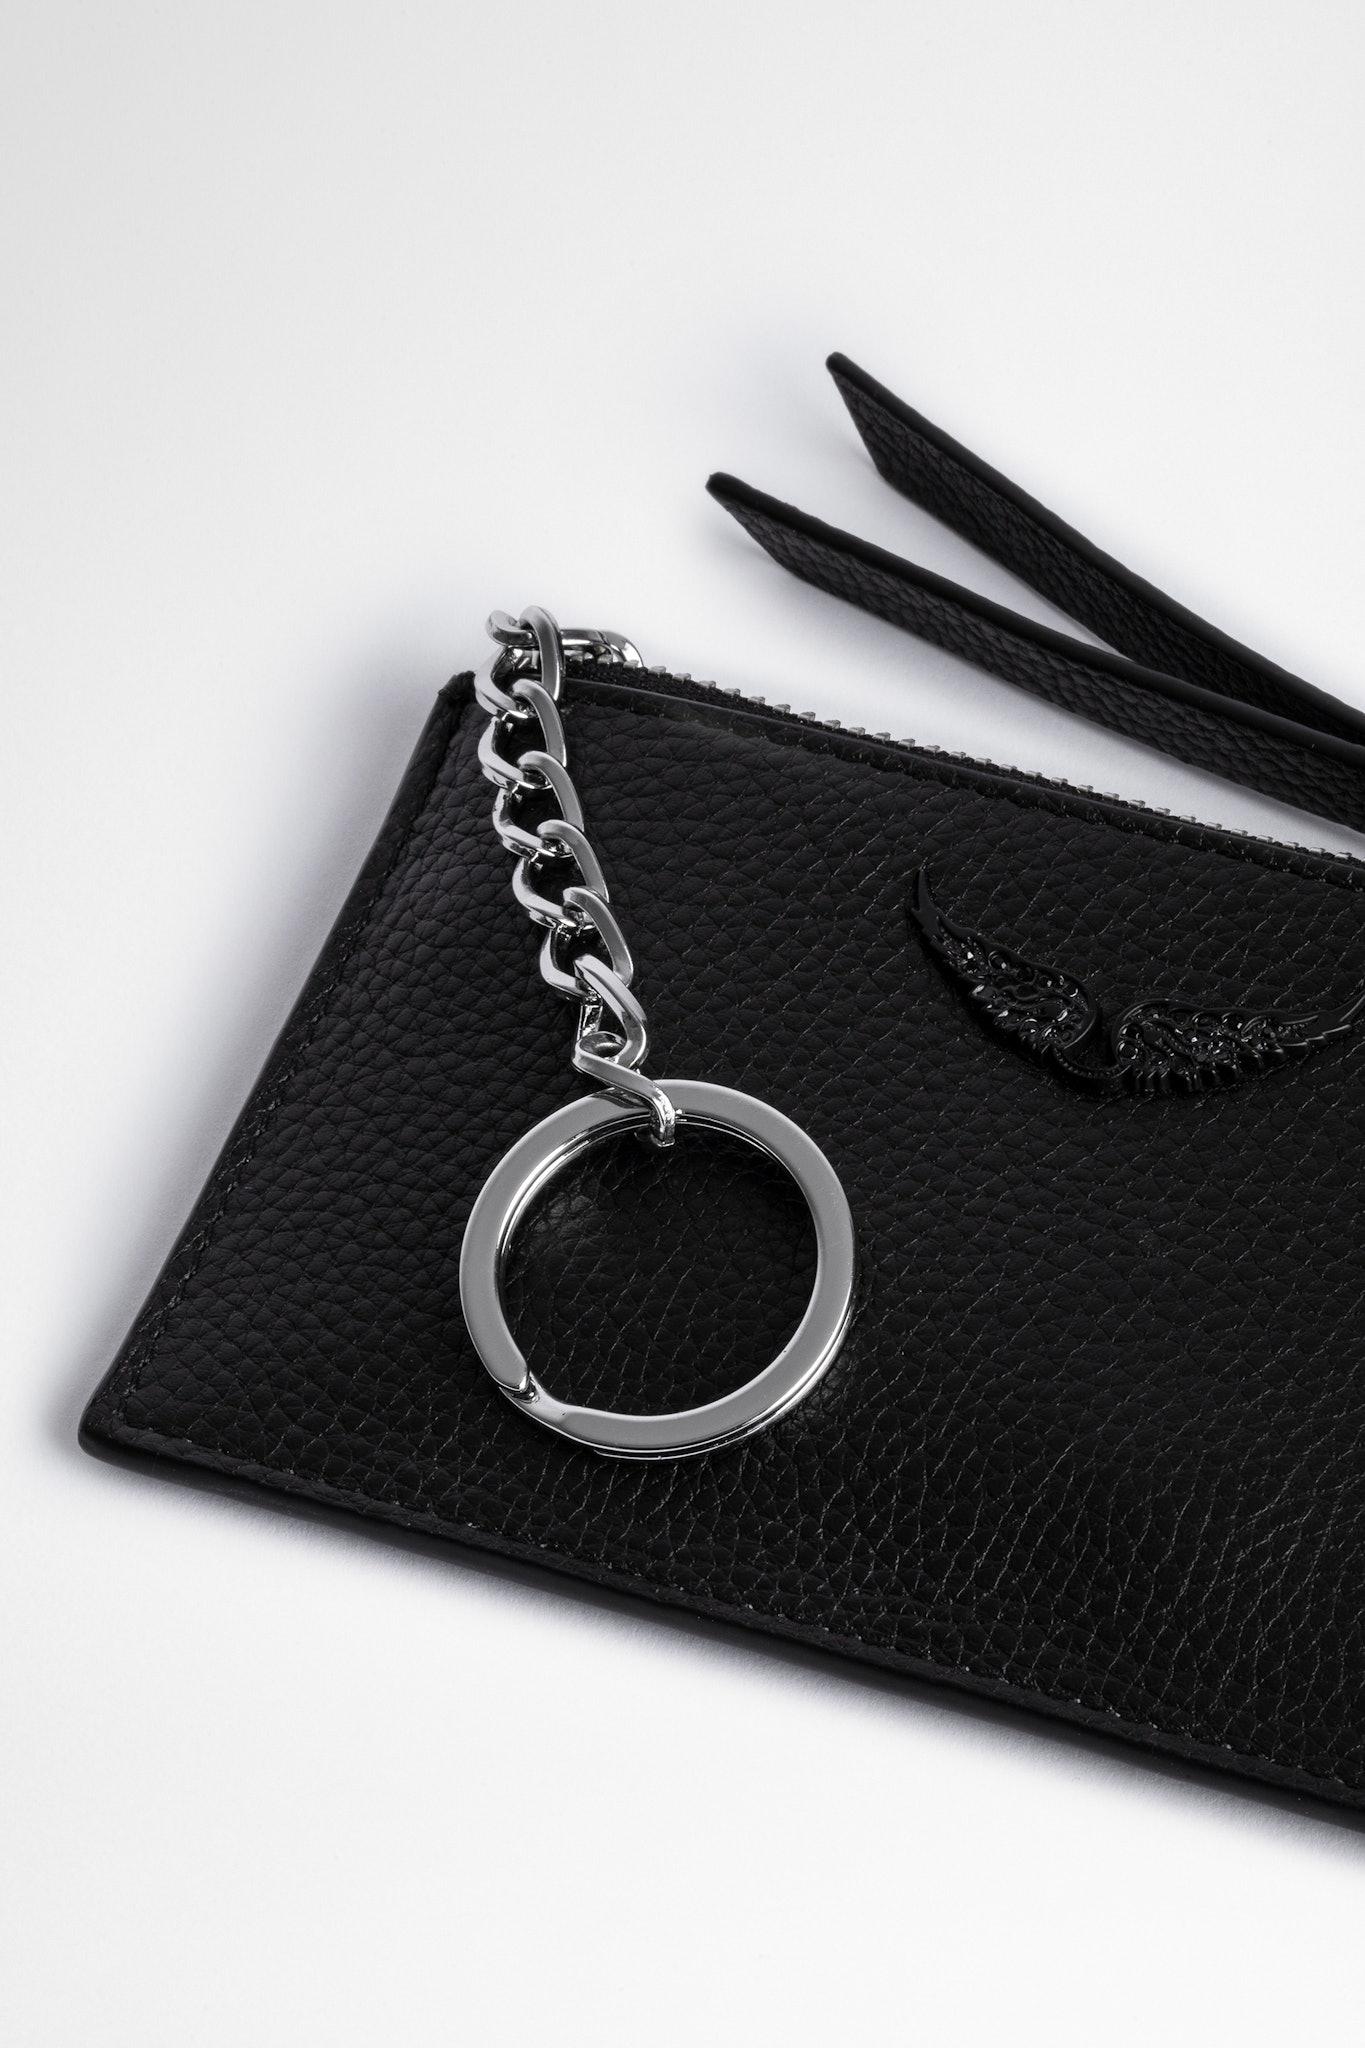 Pochette portachiavi Key Pouch